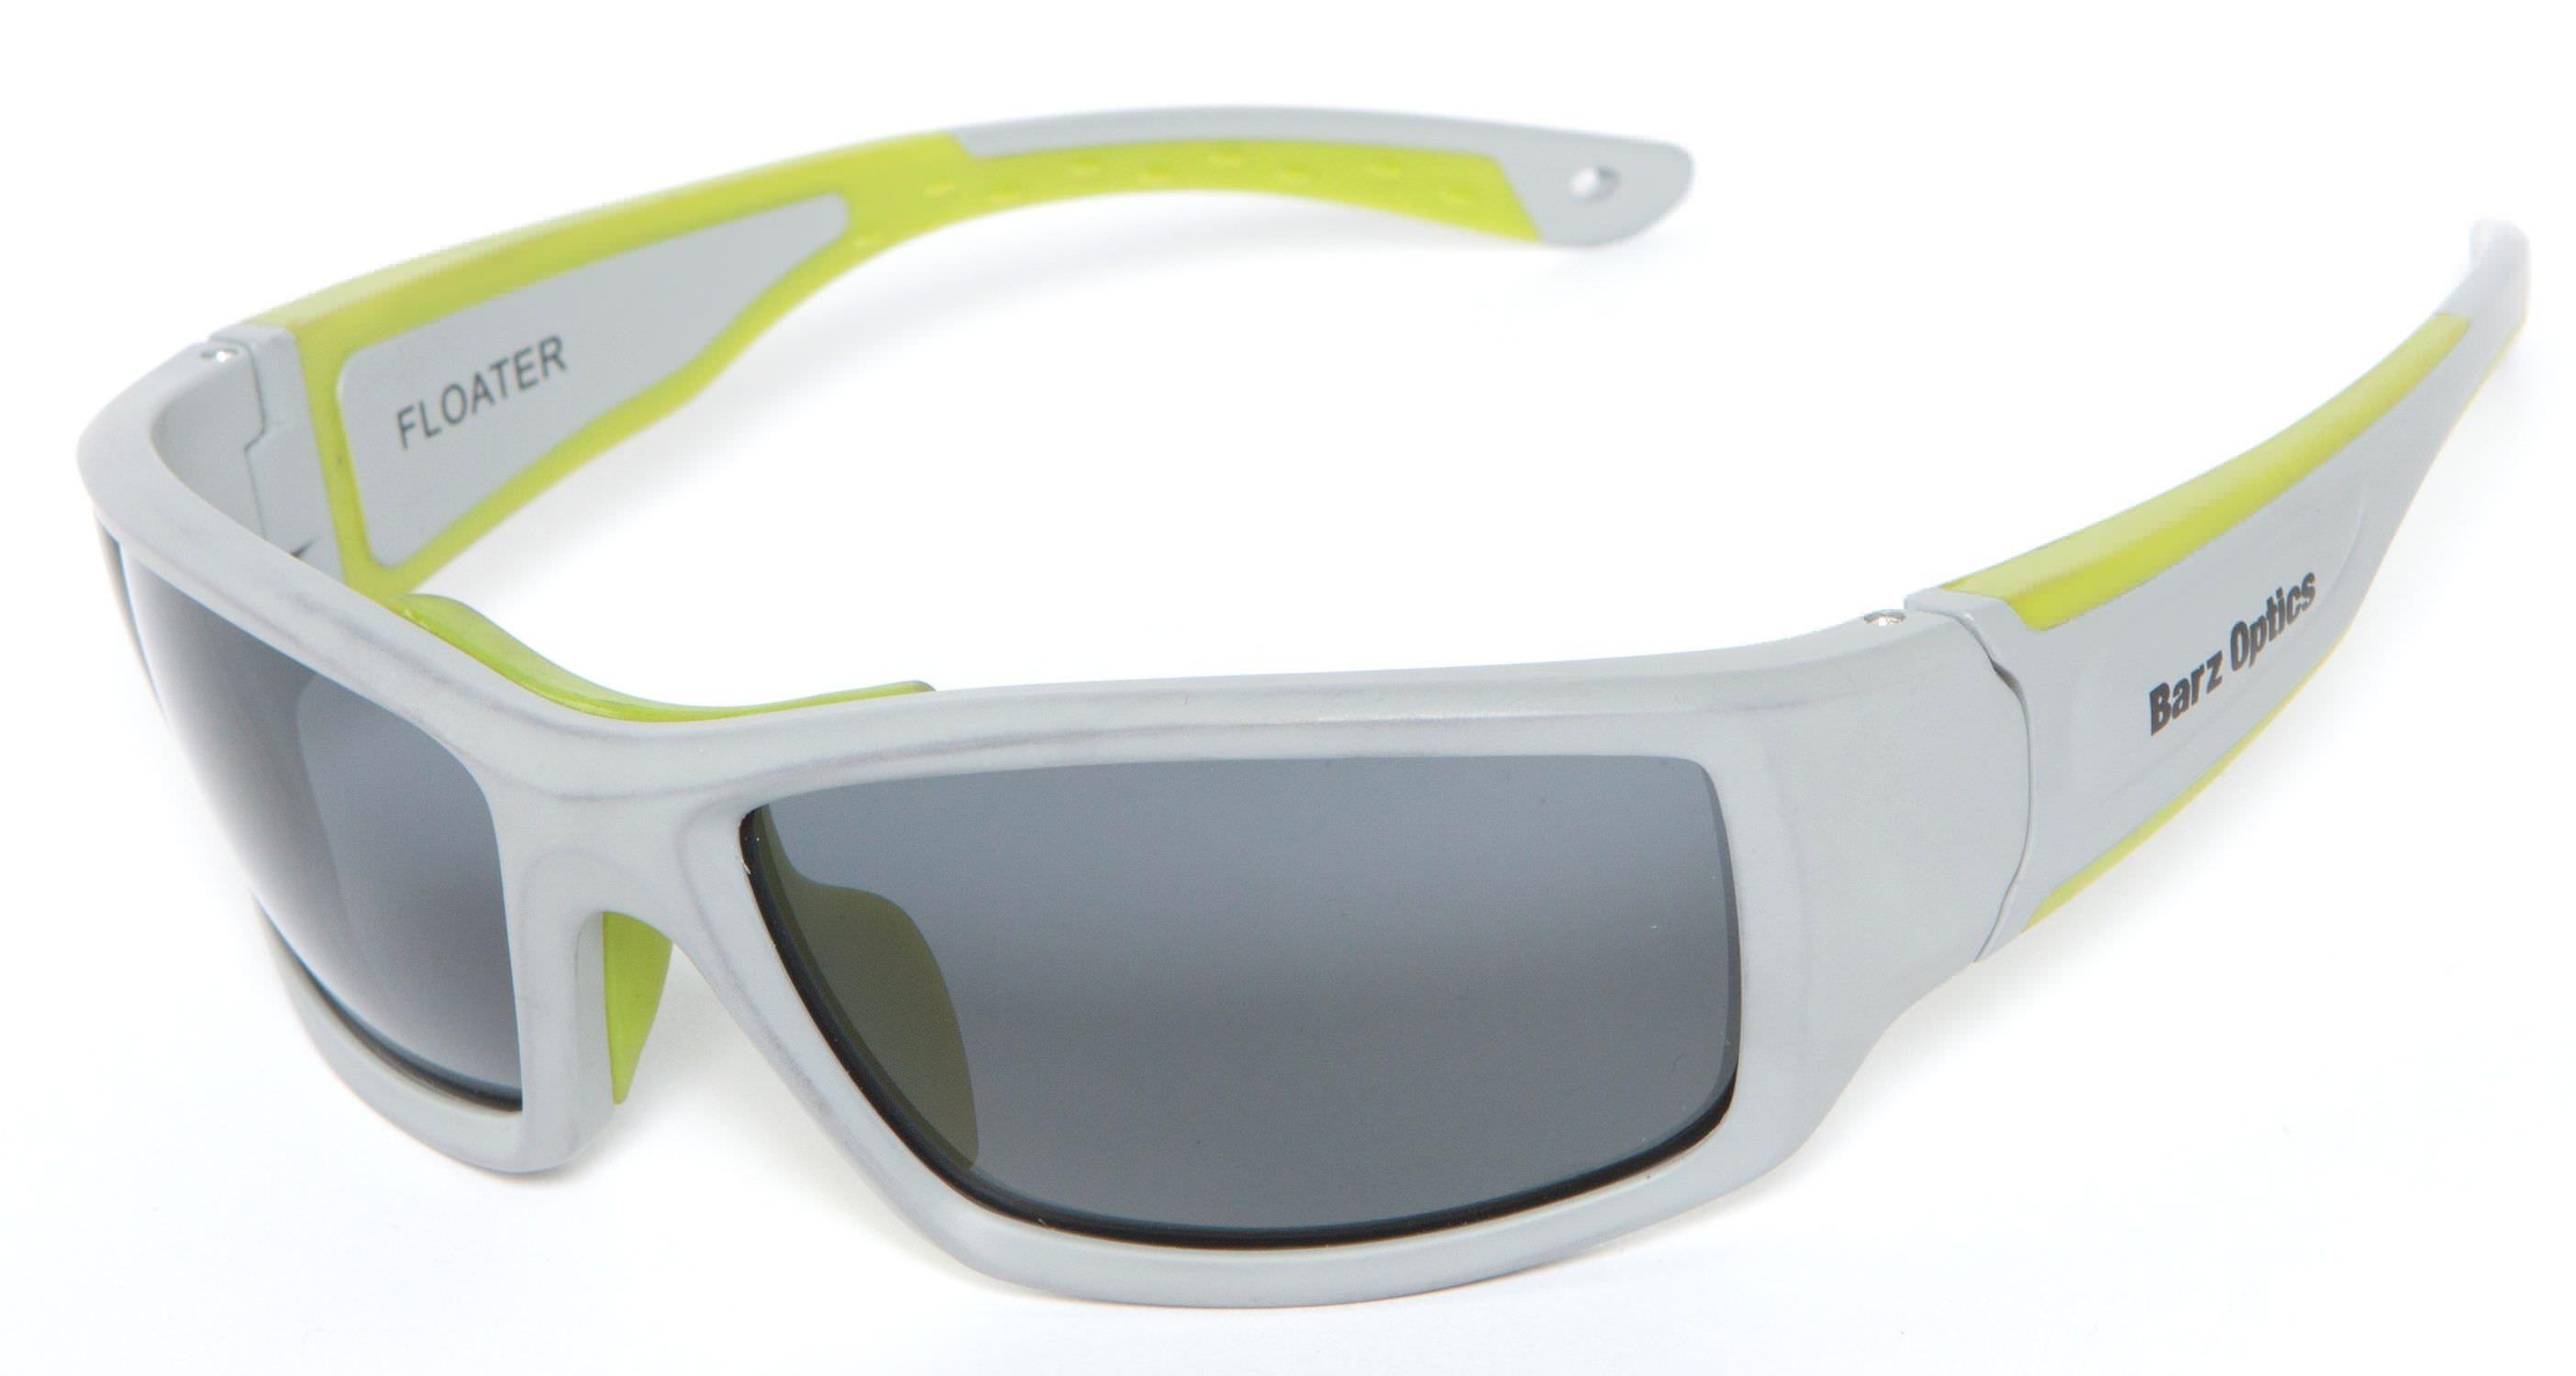 c5ad7255ce Floating sunglasses   polarized   watersports - FLOATER - Barz Optics